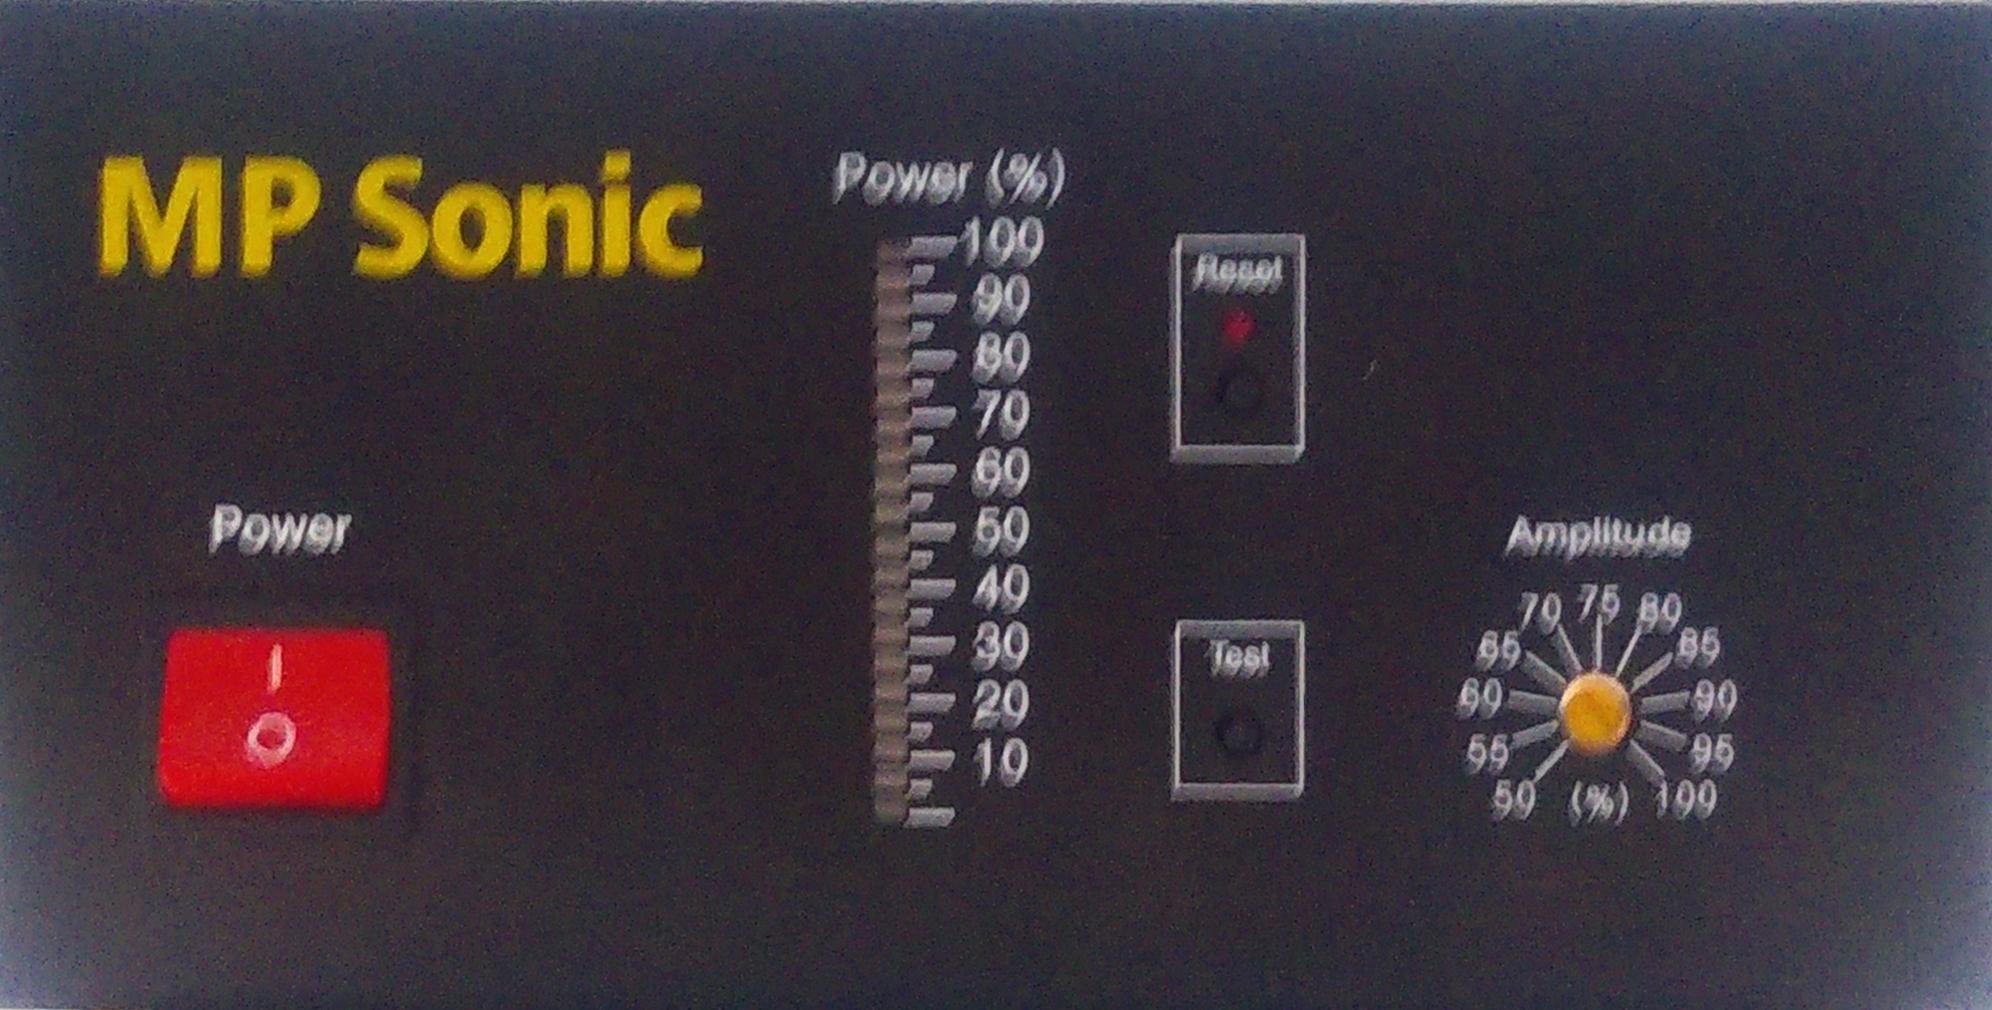 40K 800W Handheld Ultrasonic Welder